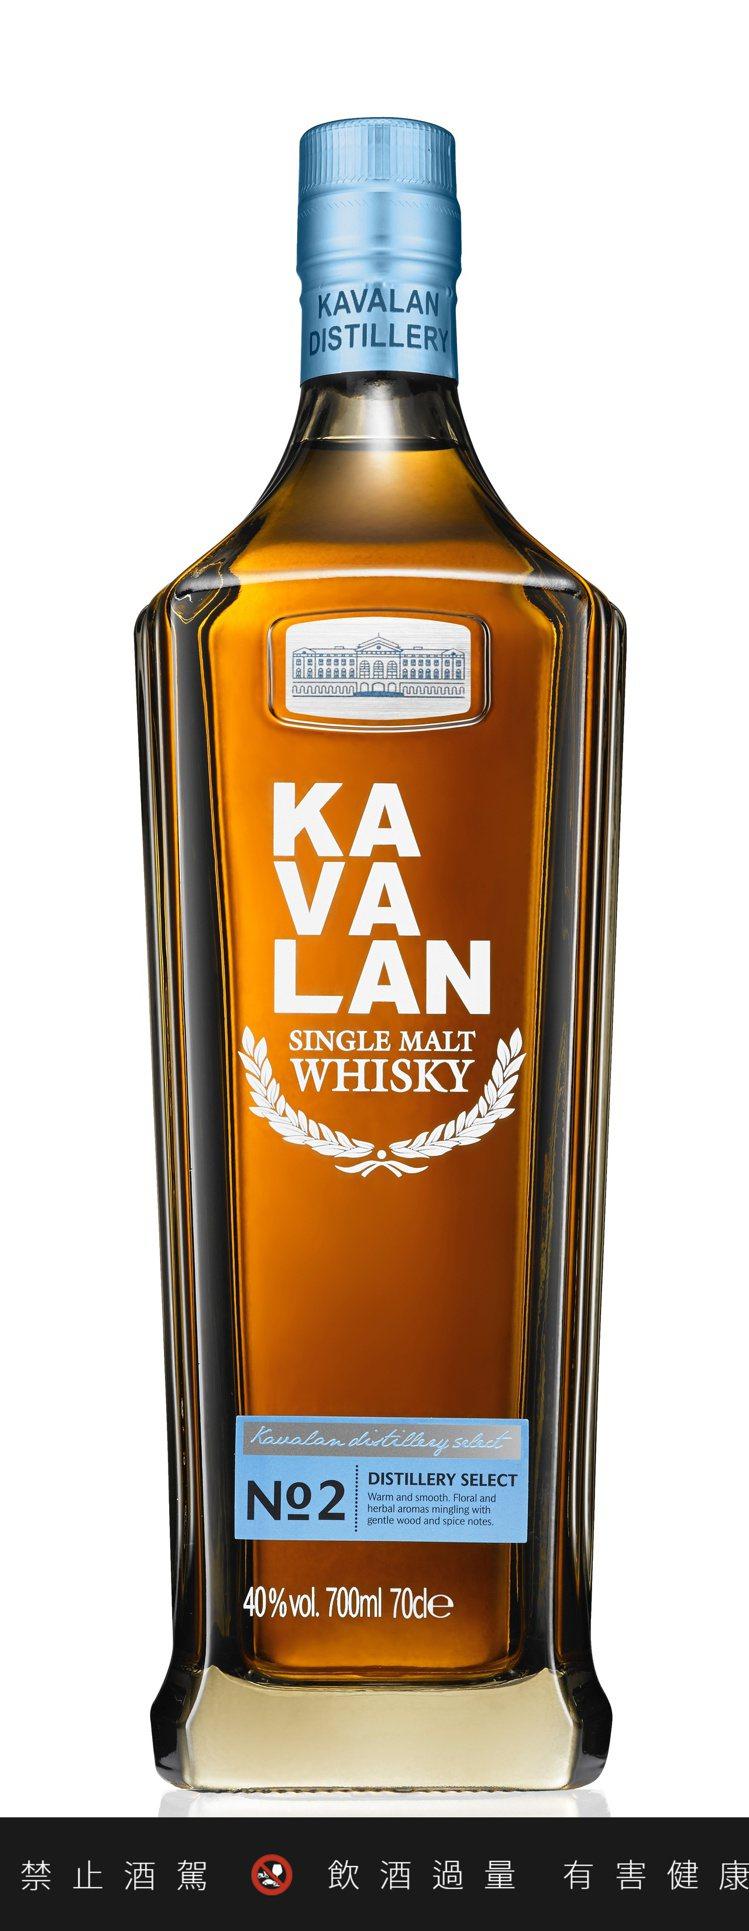 今年中新推出的「噶瑪蘭珍選單一麥芽威士忌No.2」,迷人花草揉合木質辛香,建議售...